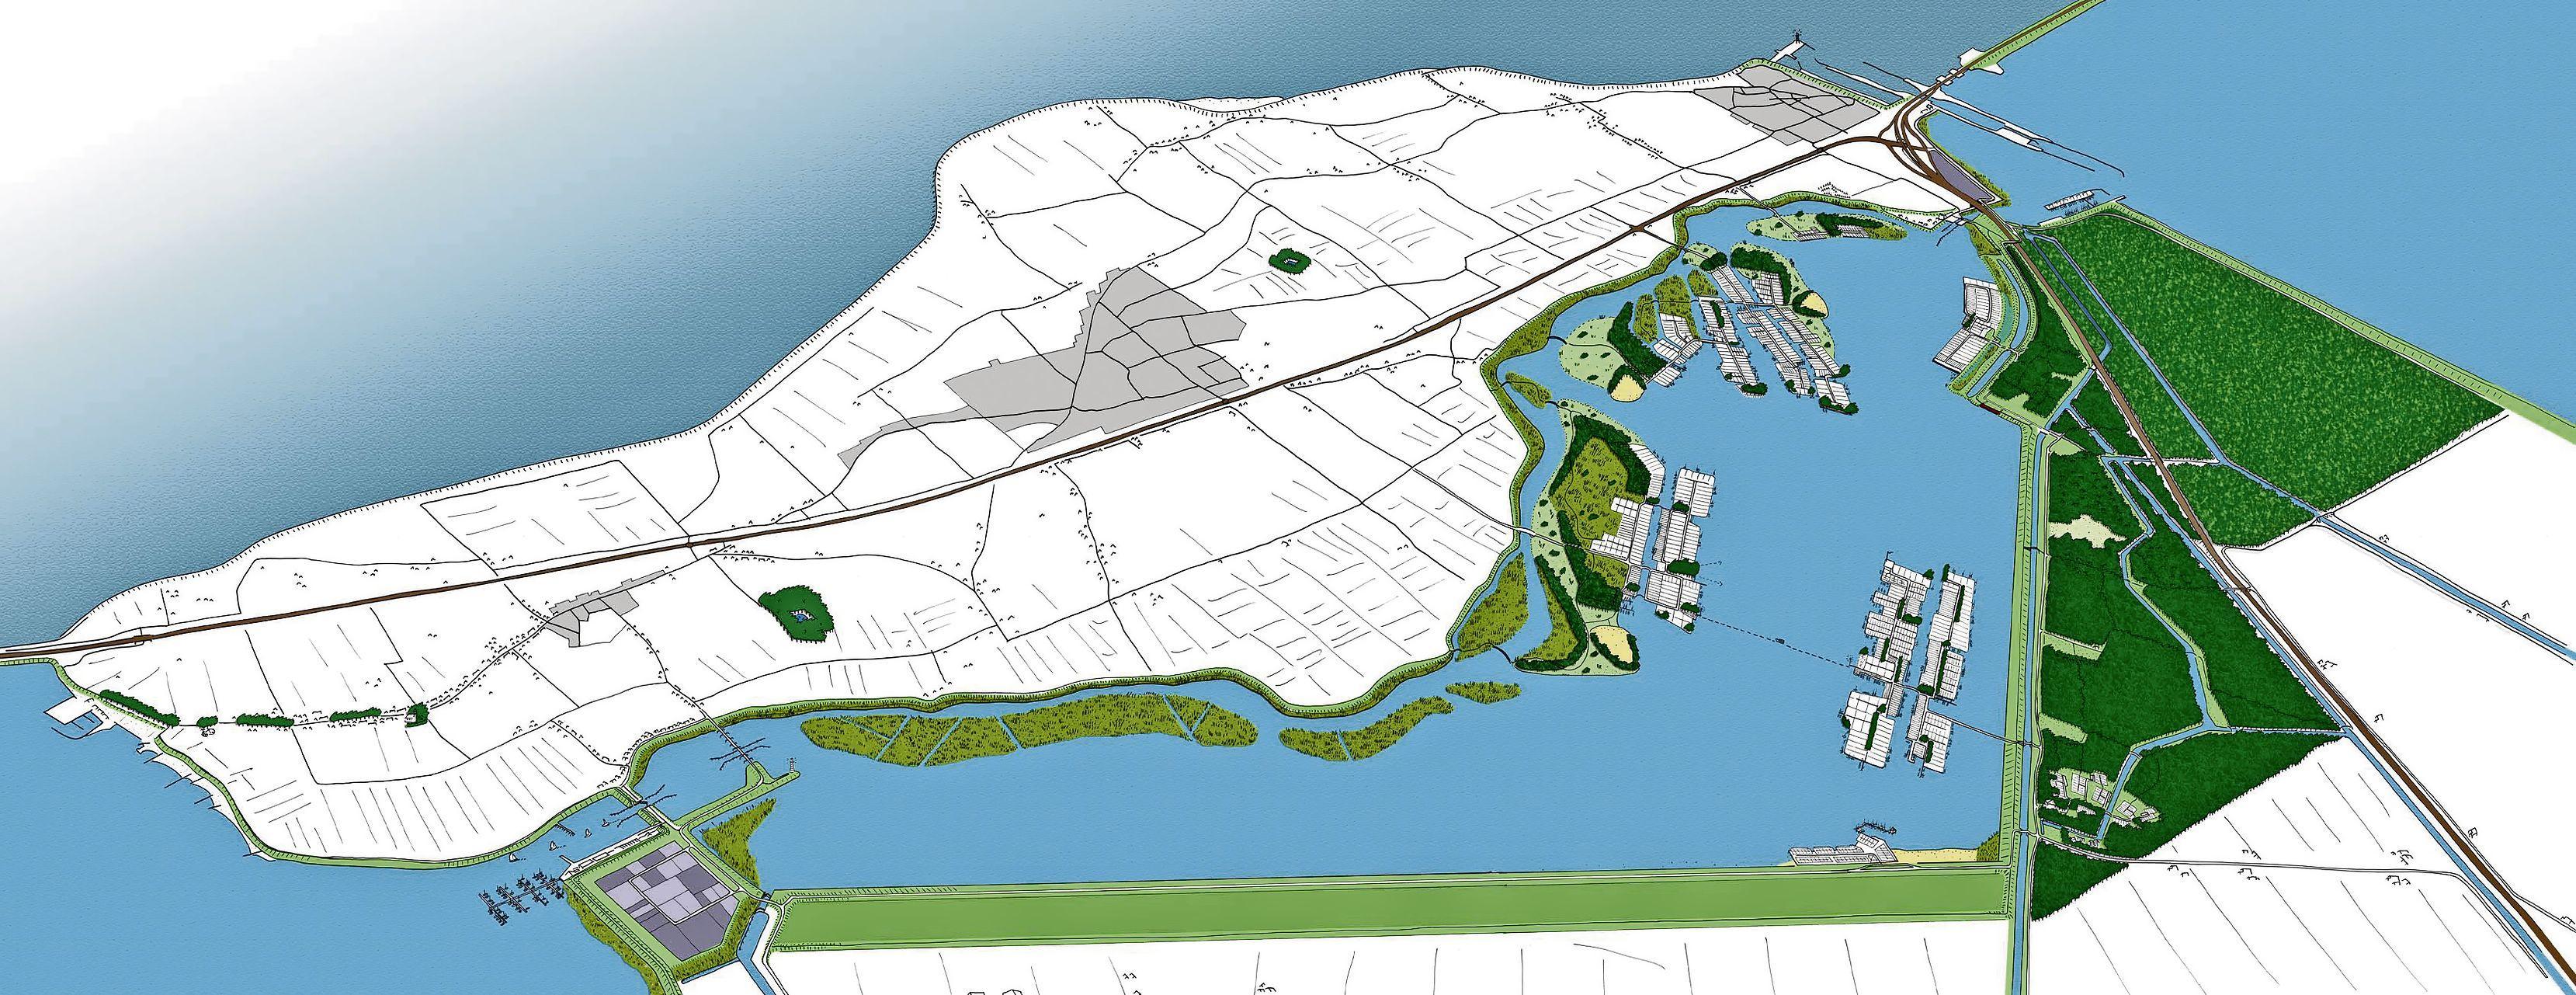 Te koop: 15.000 vierkante meter grond die eigenlijk Wieringerrandmeer had moeten worden